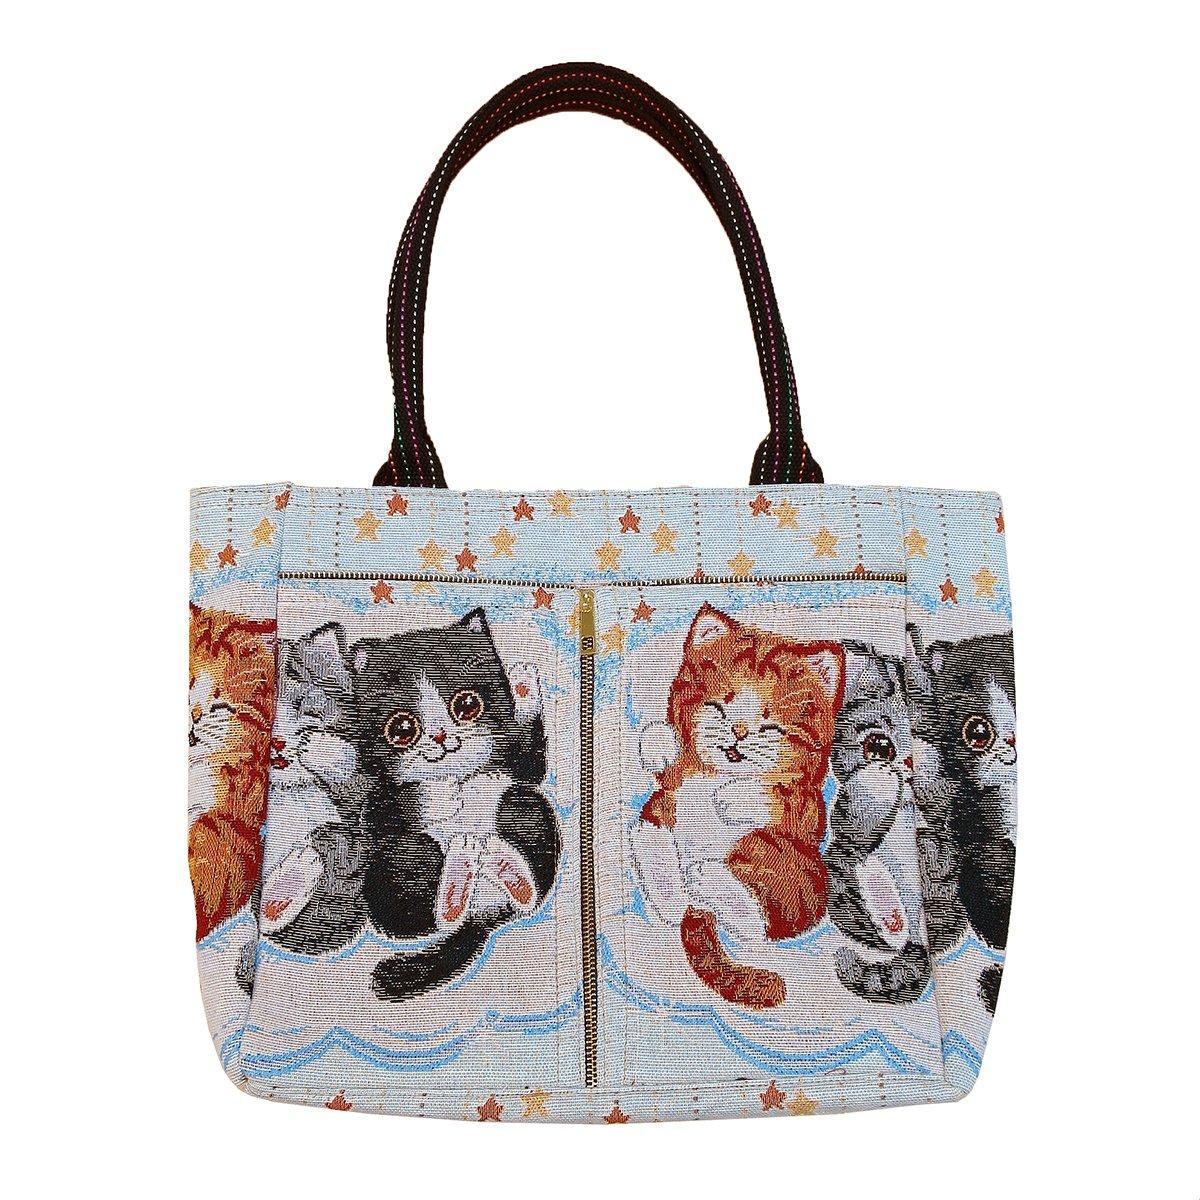 【 可愛すぎる猫ちゃん 】 ゴブラン織り ビッグ トートバッグ W-TT-CATBAG B07CPSXXPT